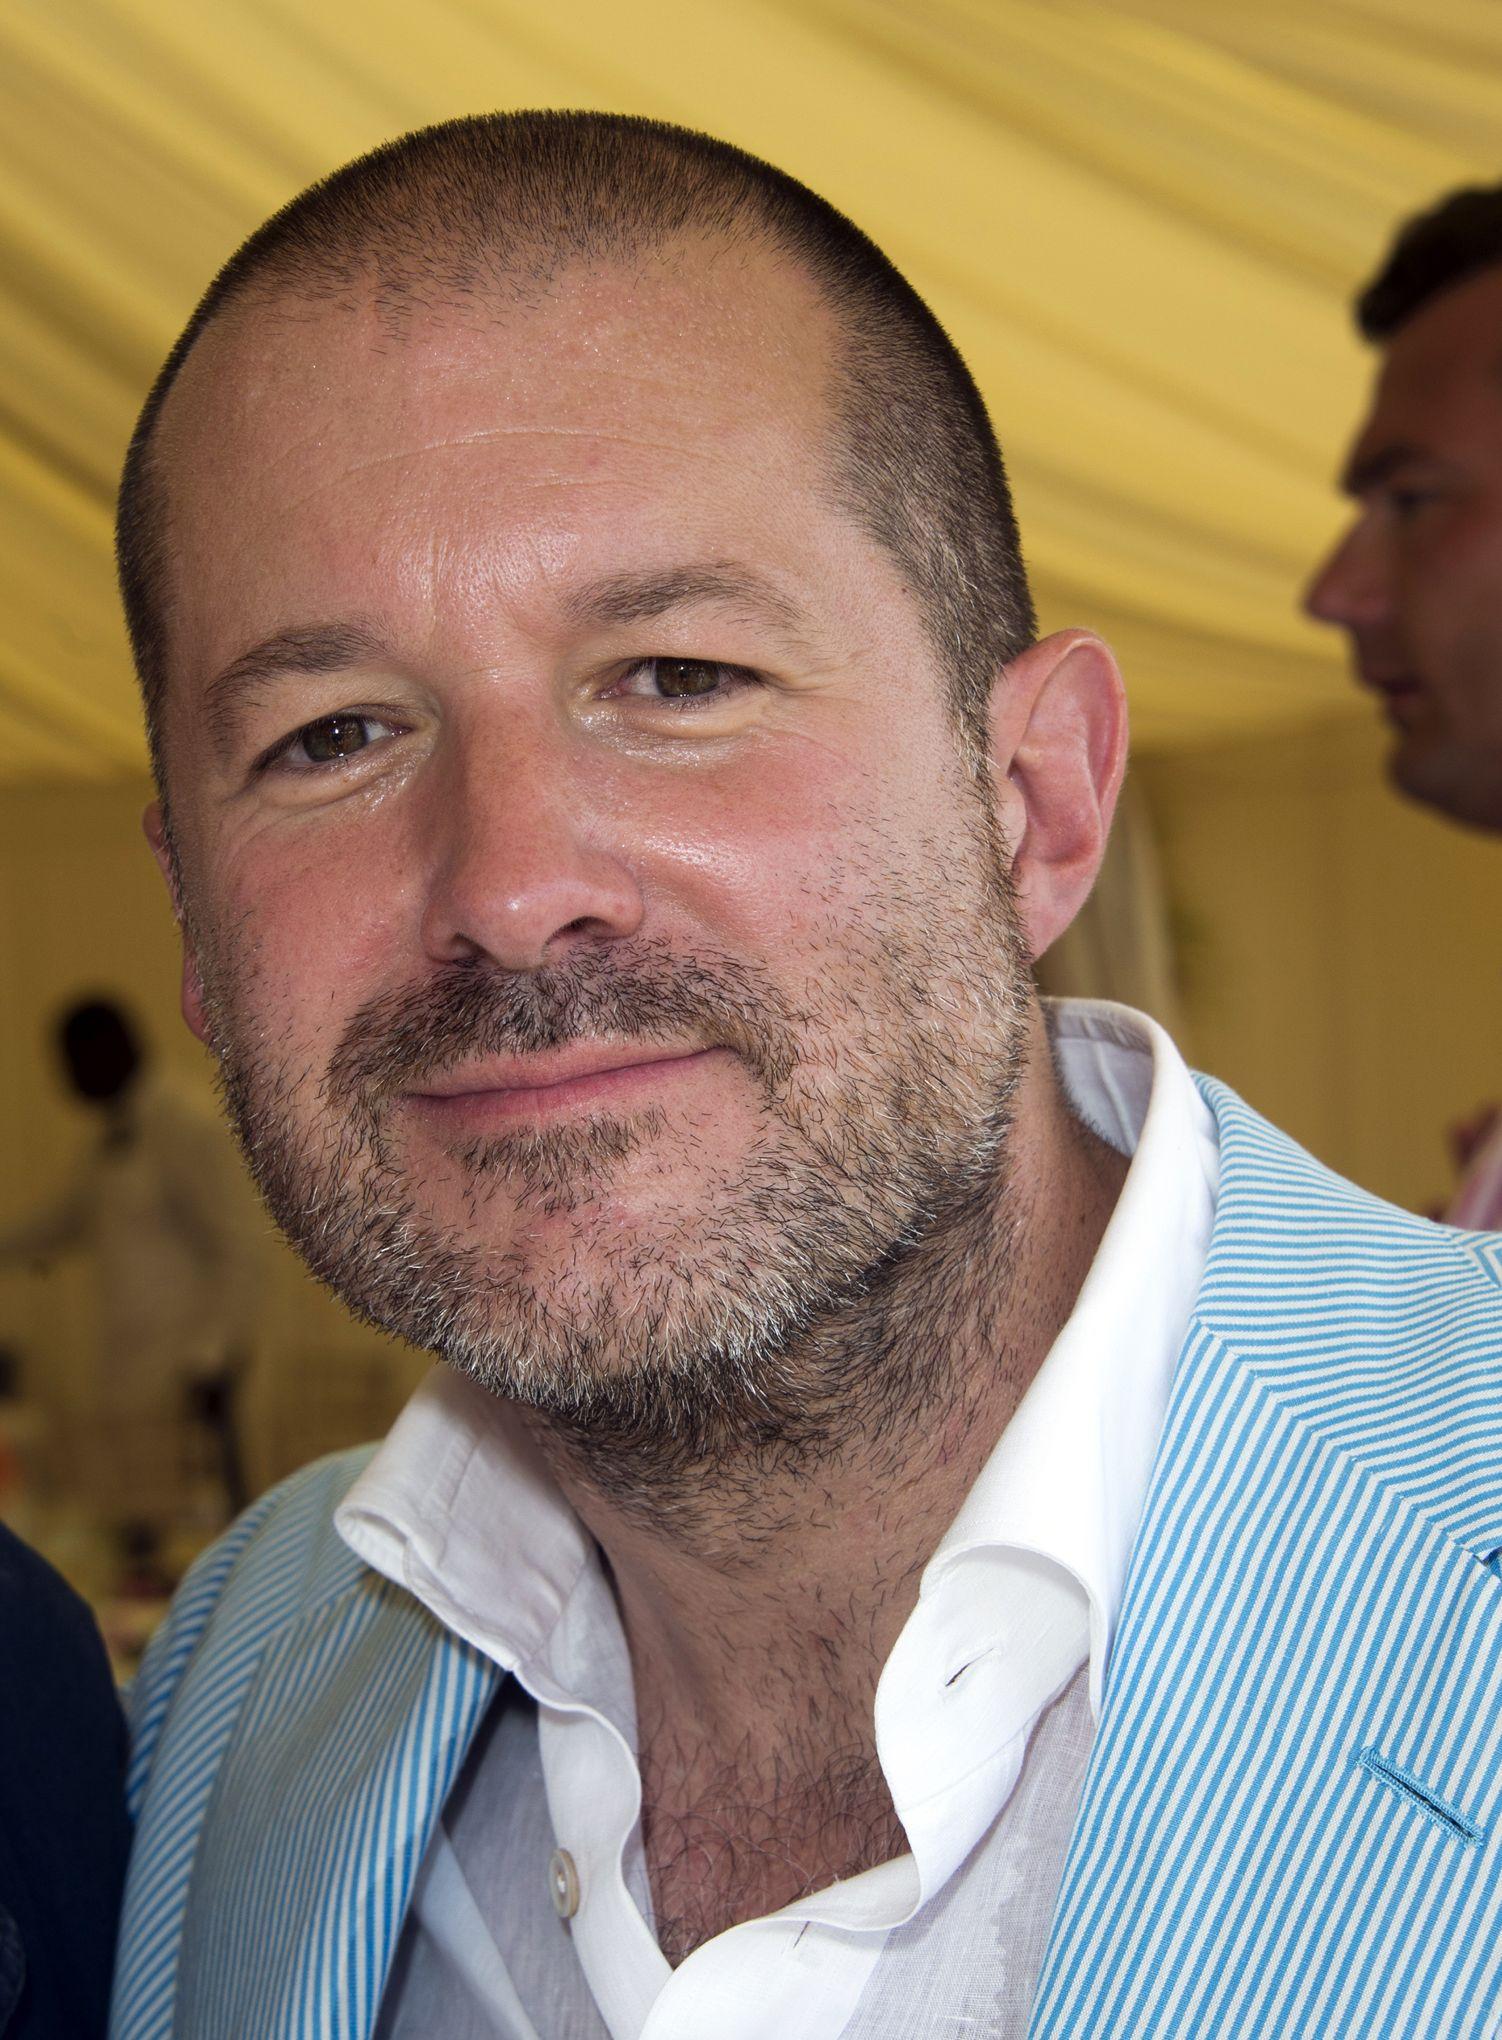 Après 27 ans, le designer star Jony Ive quitte Apple